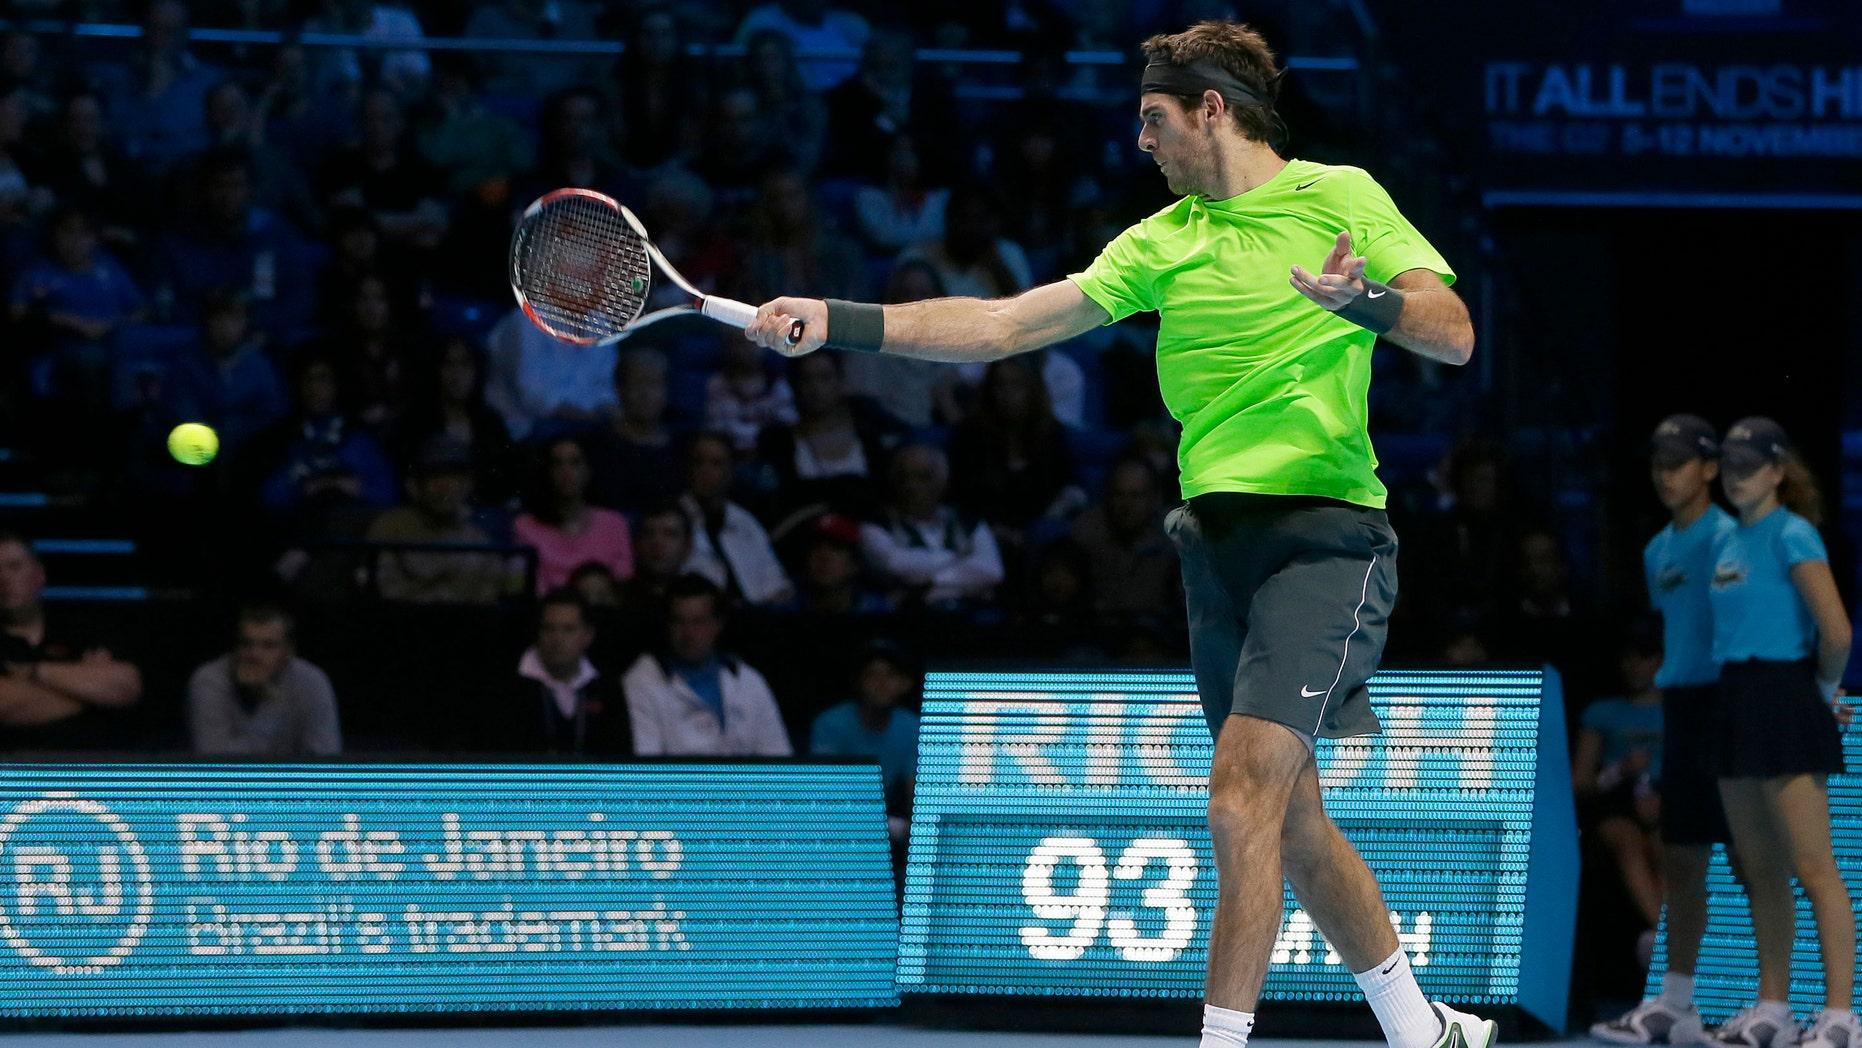 El argentino Juan Martín del Potro durante el encuentro con Novak Djokovic en semifinales de la Copa Masters en Londres el 11 de noviembre del 2012 (AP Foto/Alastair Grant)